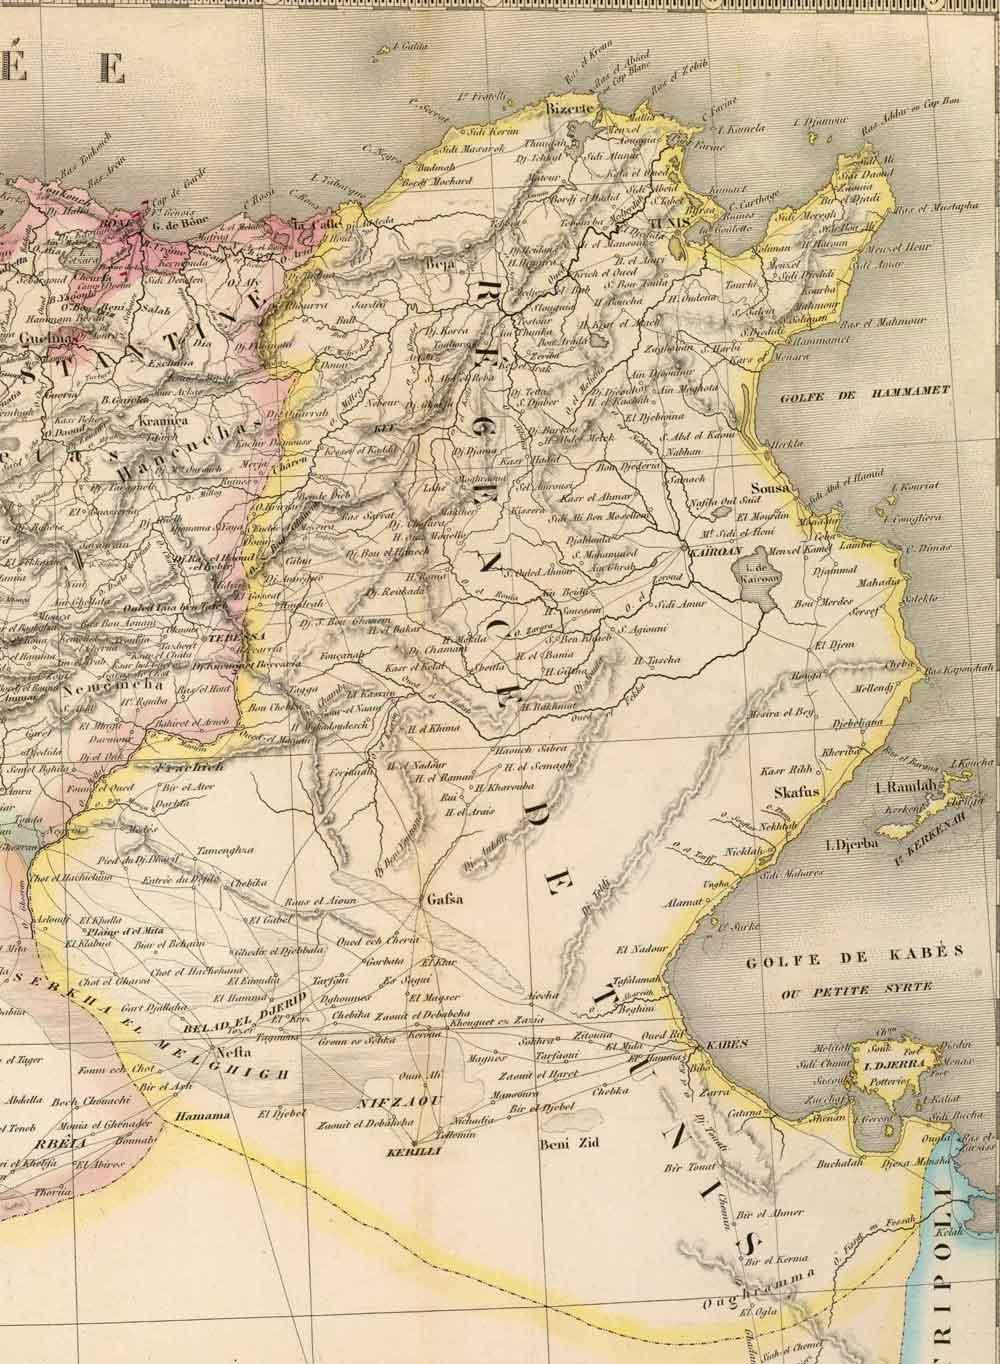 tunisie_1850.jpg